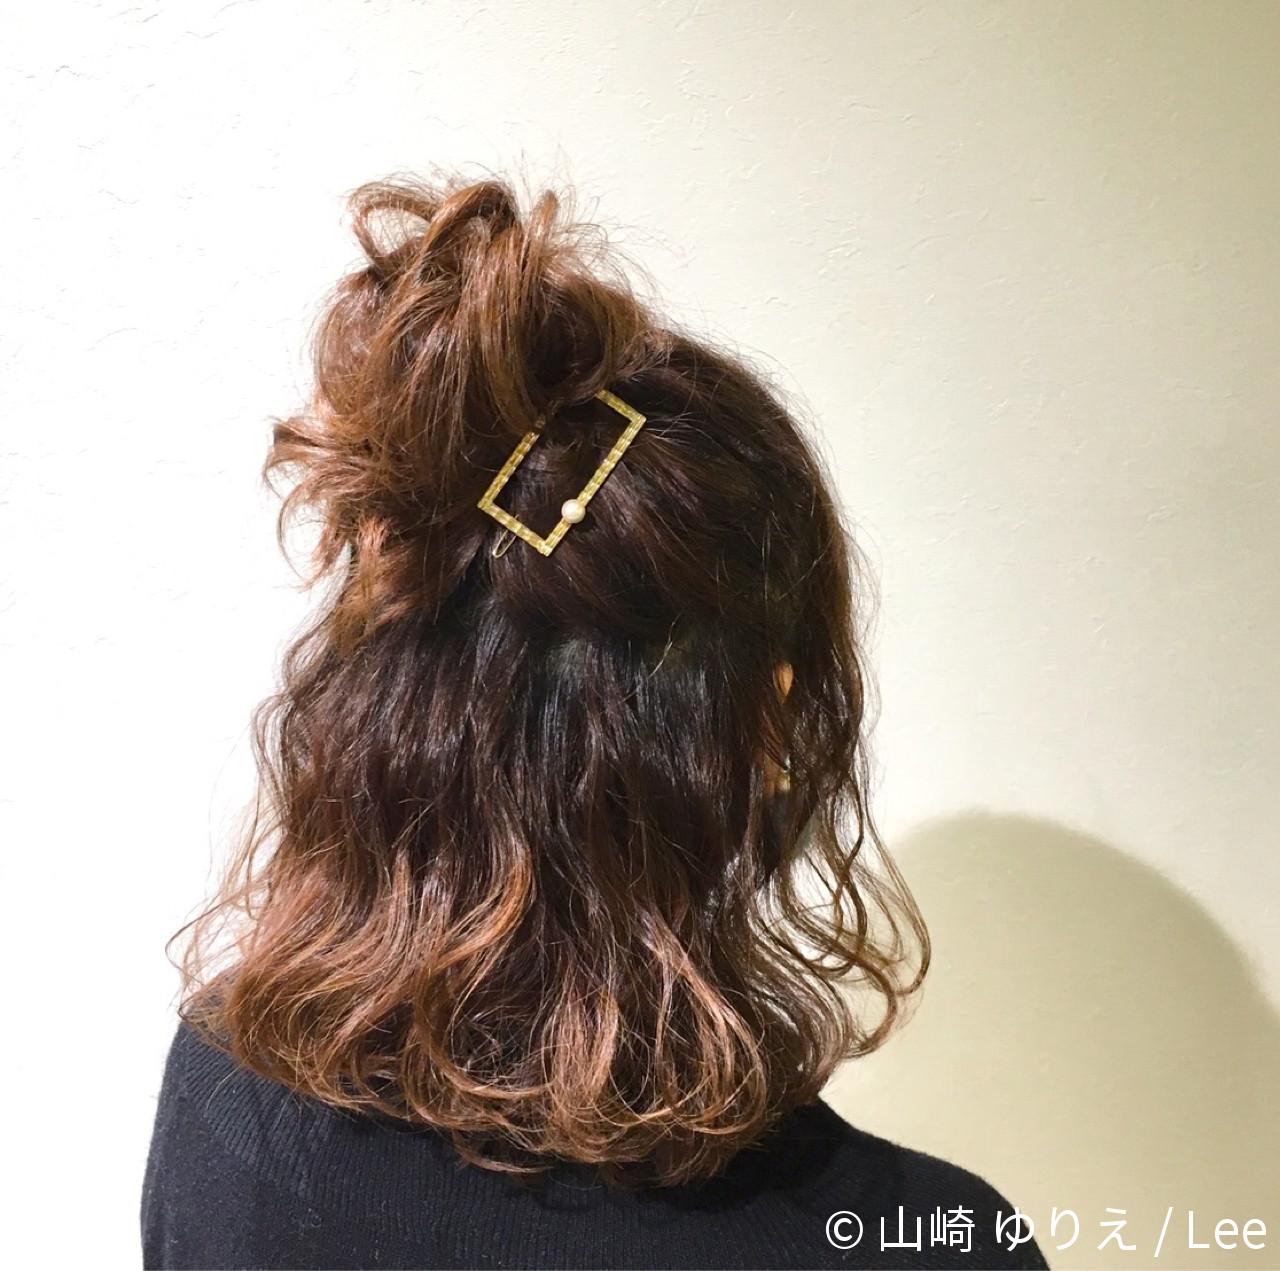 ショート 大人女子 色気 簡単ヘアアレンジ ヘアスタイルや髪型の写真・画像 | 山崎 ゆりえ / Lee / lee東大阪